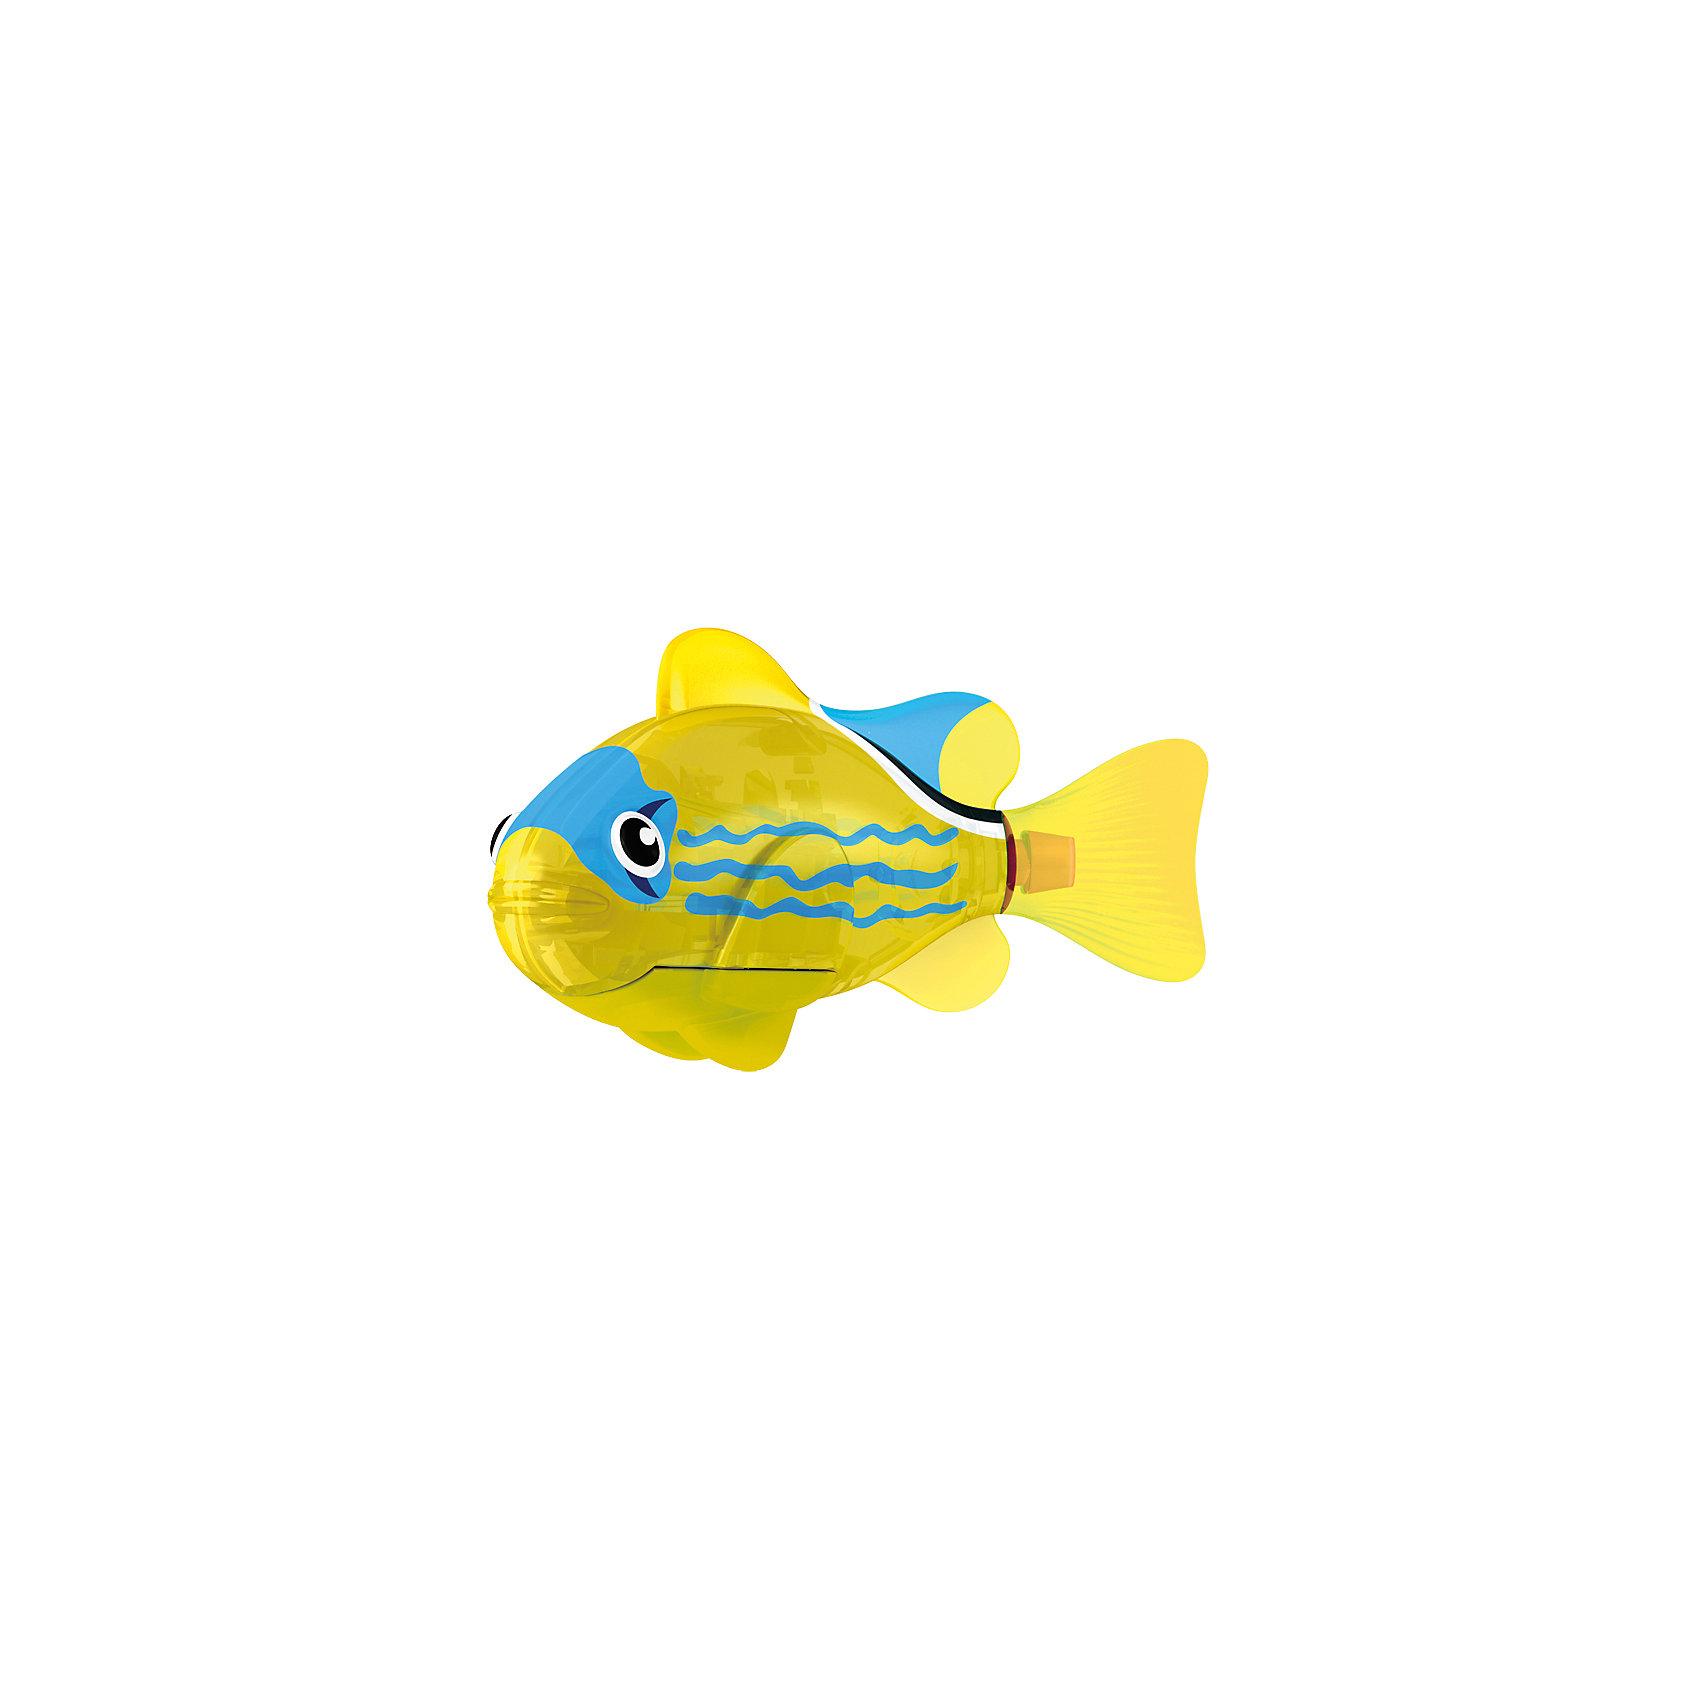 РобоРыбка светодиодная  Желтый фонарь, RoboFishРоборыбки<br>РобоРыбка светодиодная Желтый Фонарь, RoboFish (РобоФиш) - это инновационная рыбка, которая при соприкосновении с водой начинает не только плавать как живая, но и светиться.  <br><br>Симпатичная РобоРыбка с весёлым окрасом в виде чёрных и синих элементов на жёлтом фоне, как и другие рыбки светящейся серии, оснащается специальным маленьким светодиодом внутри, который красиво светится жёлтым светом. Интересней всего это смотрится тогда, когда в аквариуме будут находиться ещё и другие модели светящихся рыбок. Мягкий силиконовый хвост и электромагнитный мотор помогают рыбкам двигаться в 5 различных направлениях. Игрушка плавает в воде в течение 4-4,5 минут, после чего ее можно вынуть из воды, и снова опустить в воду, чтобы рыбка заработала снова.<br><br>Комплектация: РобоРыбка, 4 батарейки, подставка<br><br>Дополнительная информация:<br><br>-Длина игрушки: около 7 см, высота: 3,5 см   <br>-Работает от 2х батареек типа А76 или RL44 (есть в комплекте 4 шт.)<br>-Материалы: силикон, пластмасса<br><br>Не знаете чем удивить своего ребенка? Подарите ему светящуюся РобоРыбку! РобоРыбки не только плавают в воде, но и светятся!<br><br>РобоРыбку светодиодную Желтый Фонарь, RoboFish (РобоФиш) можно купить в нашем магазине.<br><br>Ширина мм: 60<br>Глубина мм: 200<br>Высота мм: 50<br>Вес г: 90<br>Возраст от месяцев: 60<br>Возраст до месяцев: 144<br>Пол: Унисекс<br>Возраст: Детский<br>SKU: 3544548